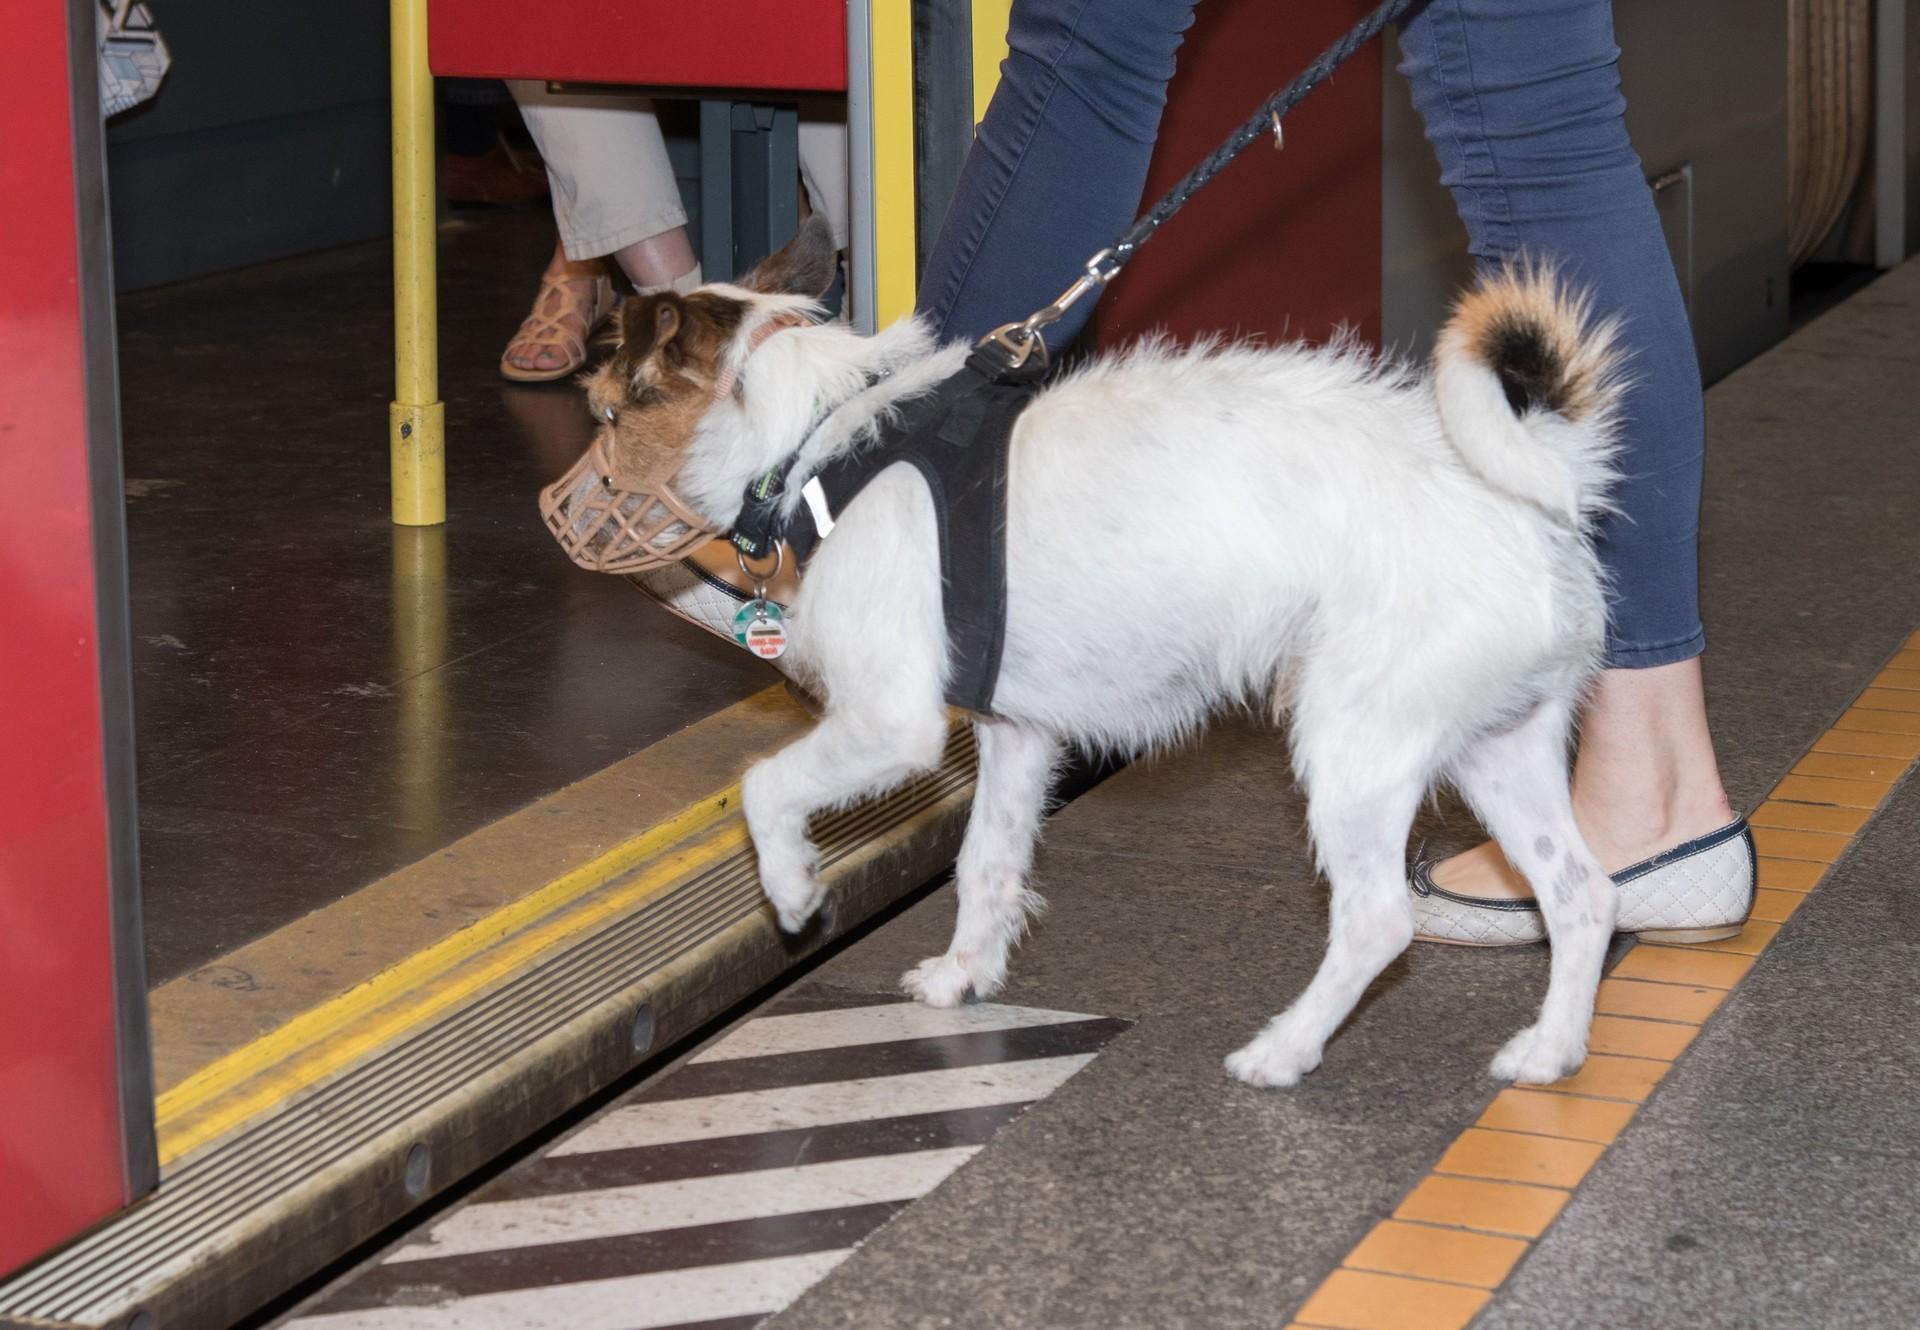 Hund mit Maulkorb in der U-Bahn